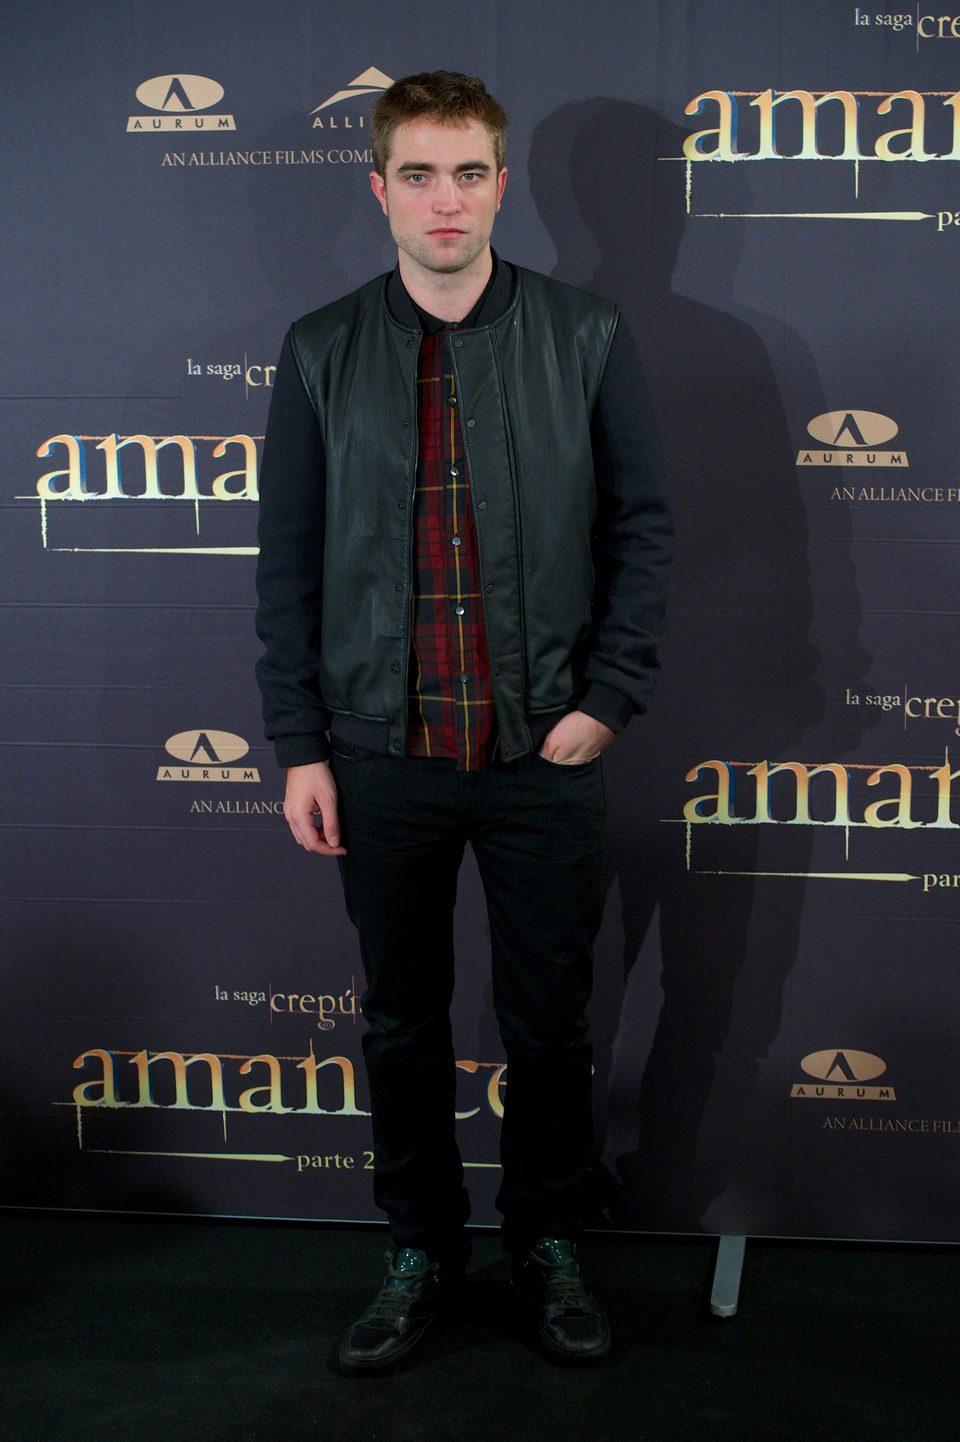 Robert Pattinson en la presentación en Madrid de 'Amanecer. Parte 2'